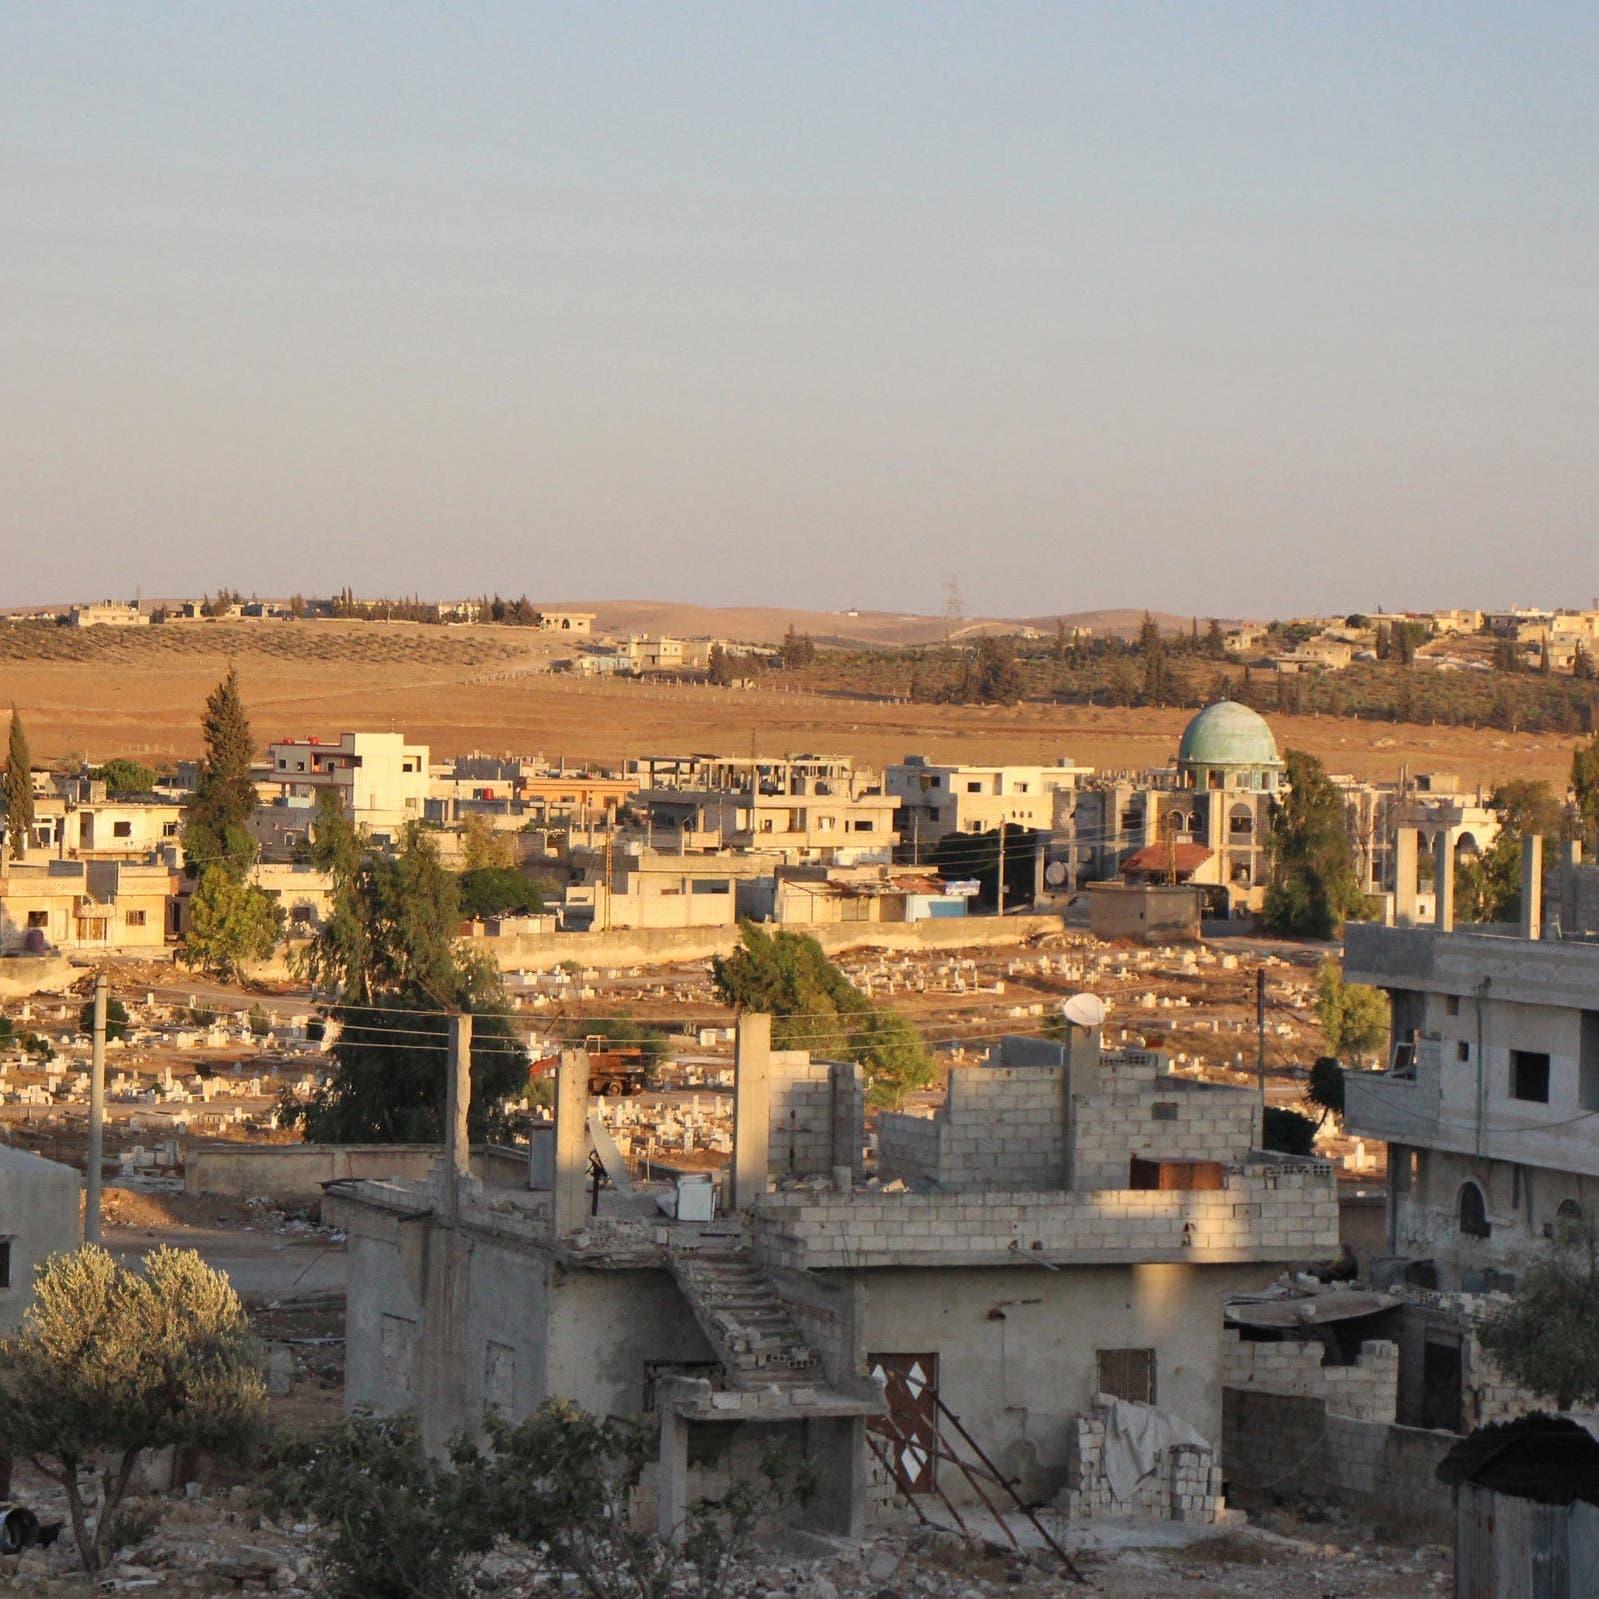 إعلام النظام السوري: بدء تسليم أسلحة وتسوية أوضاع بدرعا